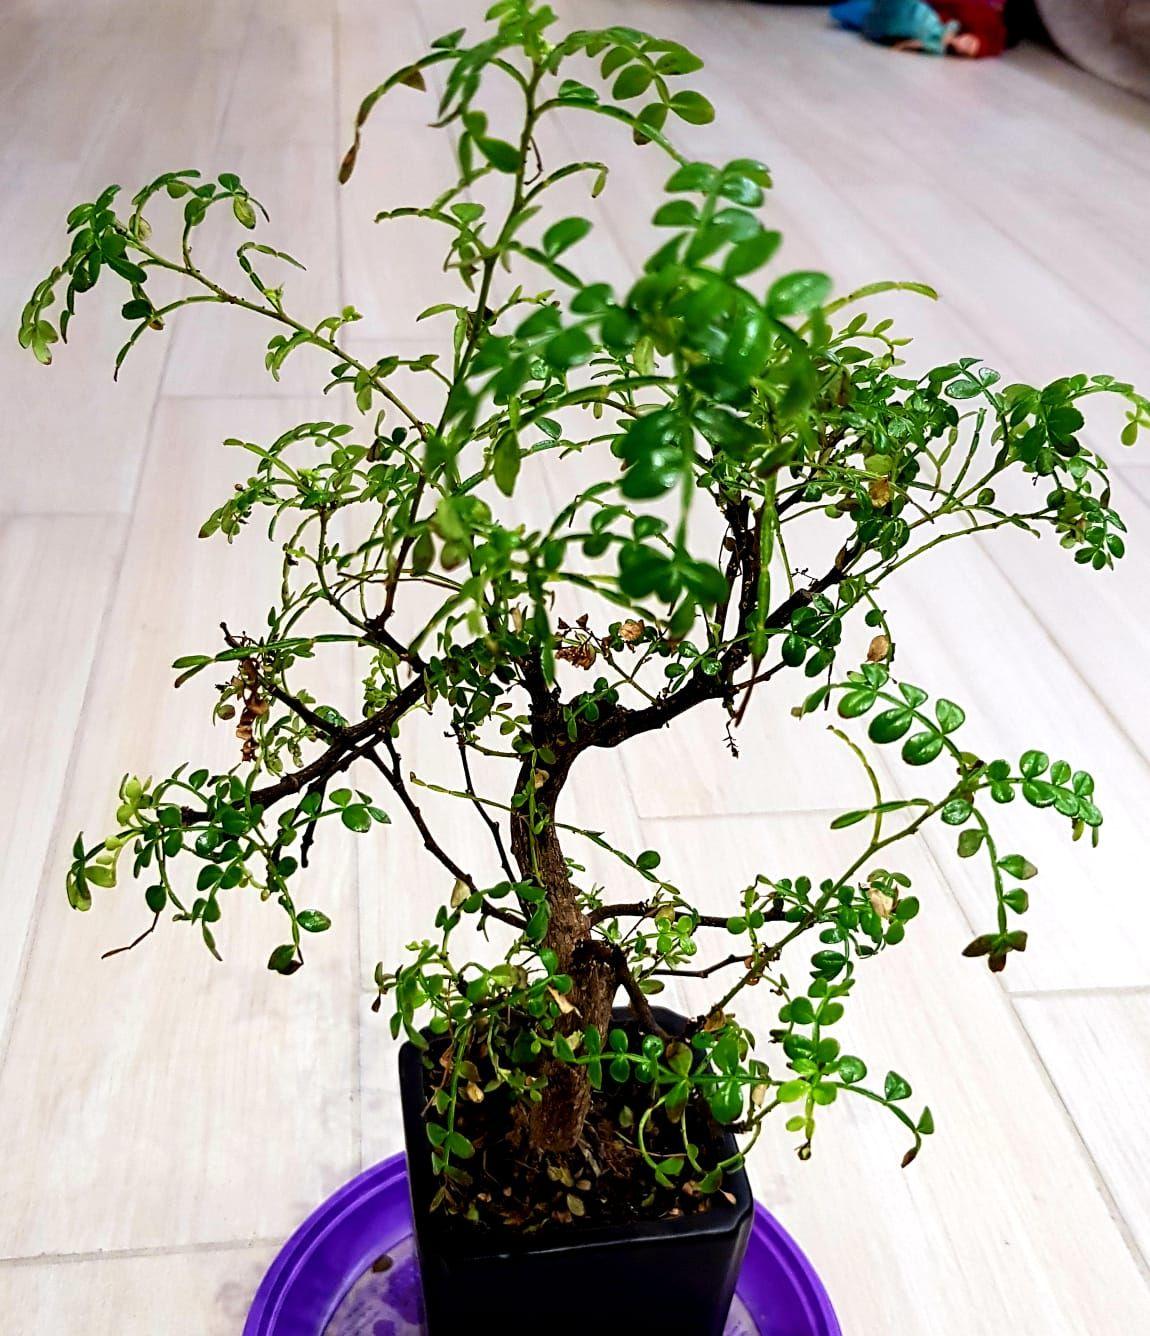 primo bonsai pepper tree: chiedo consigli 6da222b67e486f5dba00bd610223c9d8